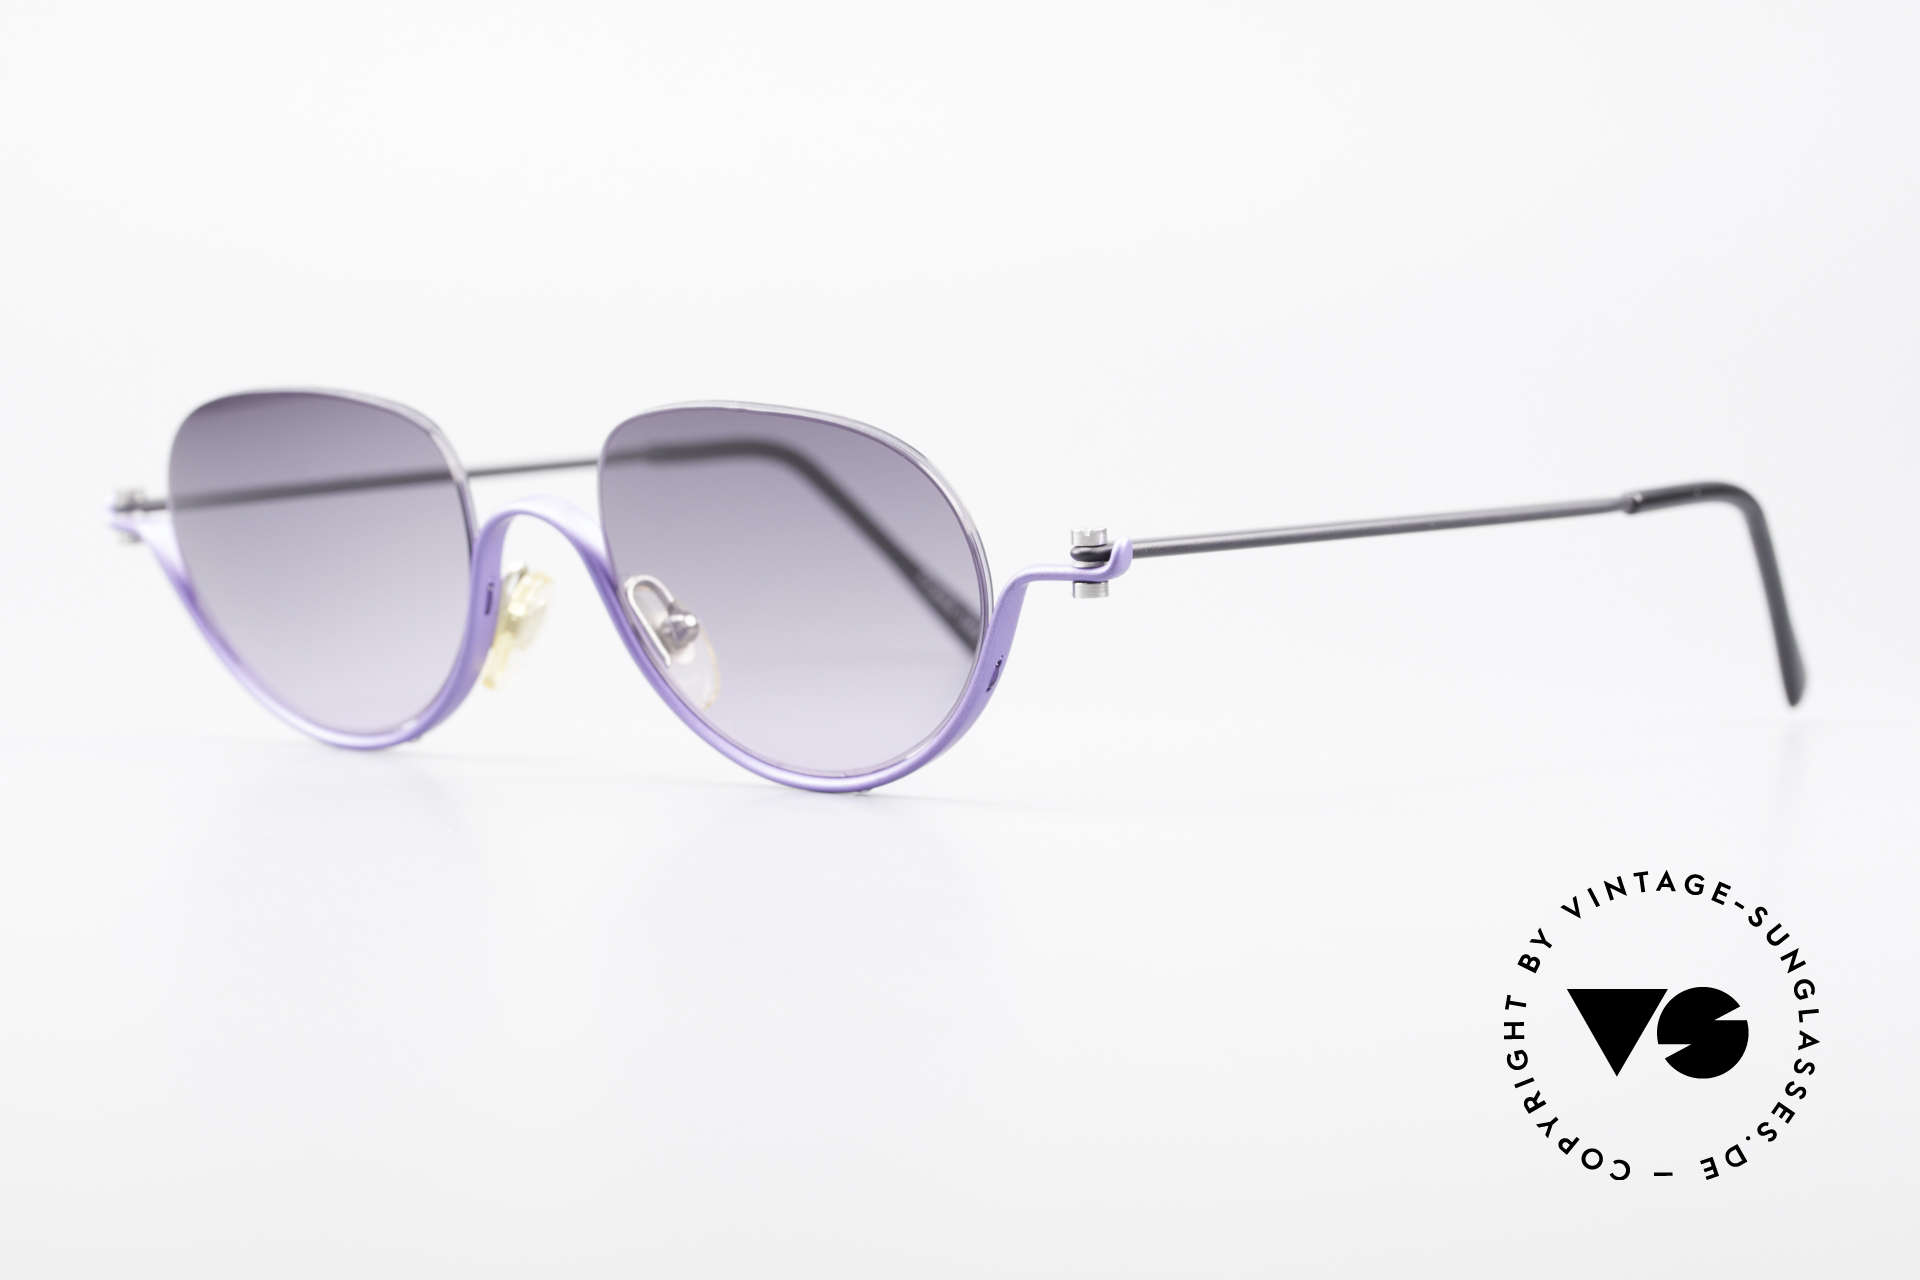 ProDesign No8 Gail Spence Design Brille, der Nachfolger der berühmten N°ONE FILMBRILLE, Passend für Damen